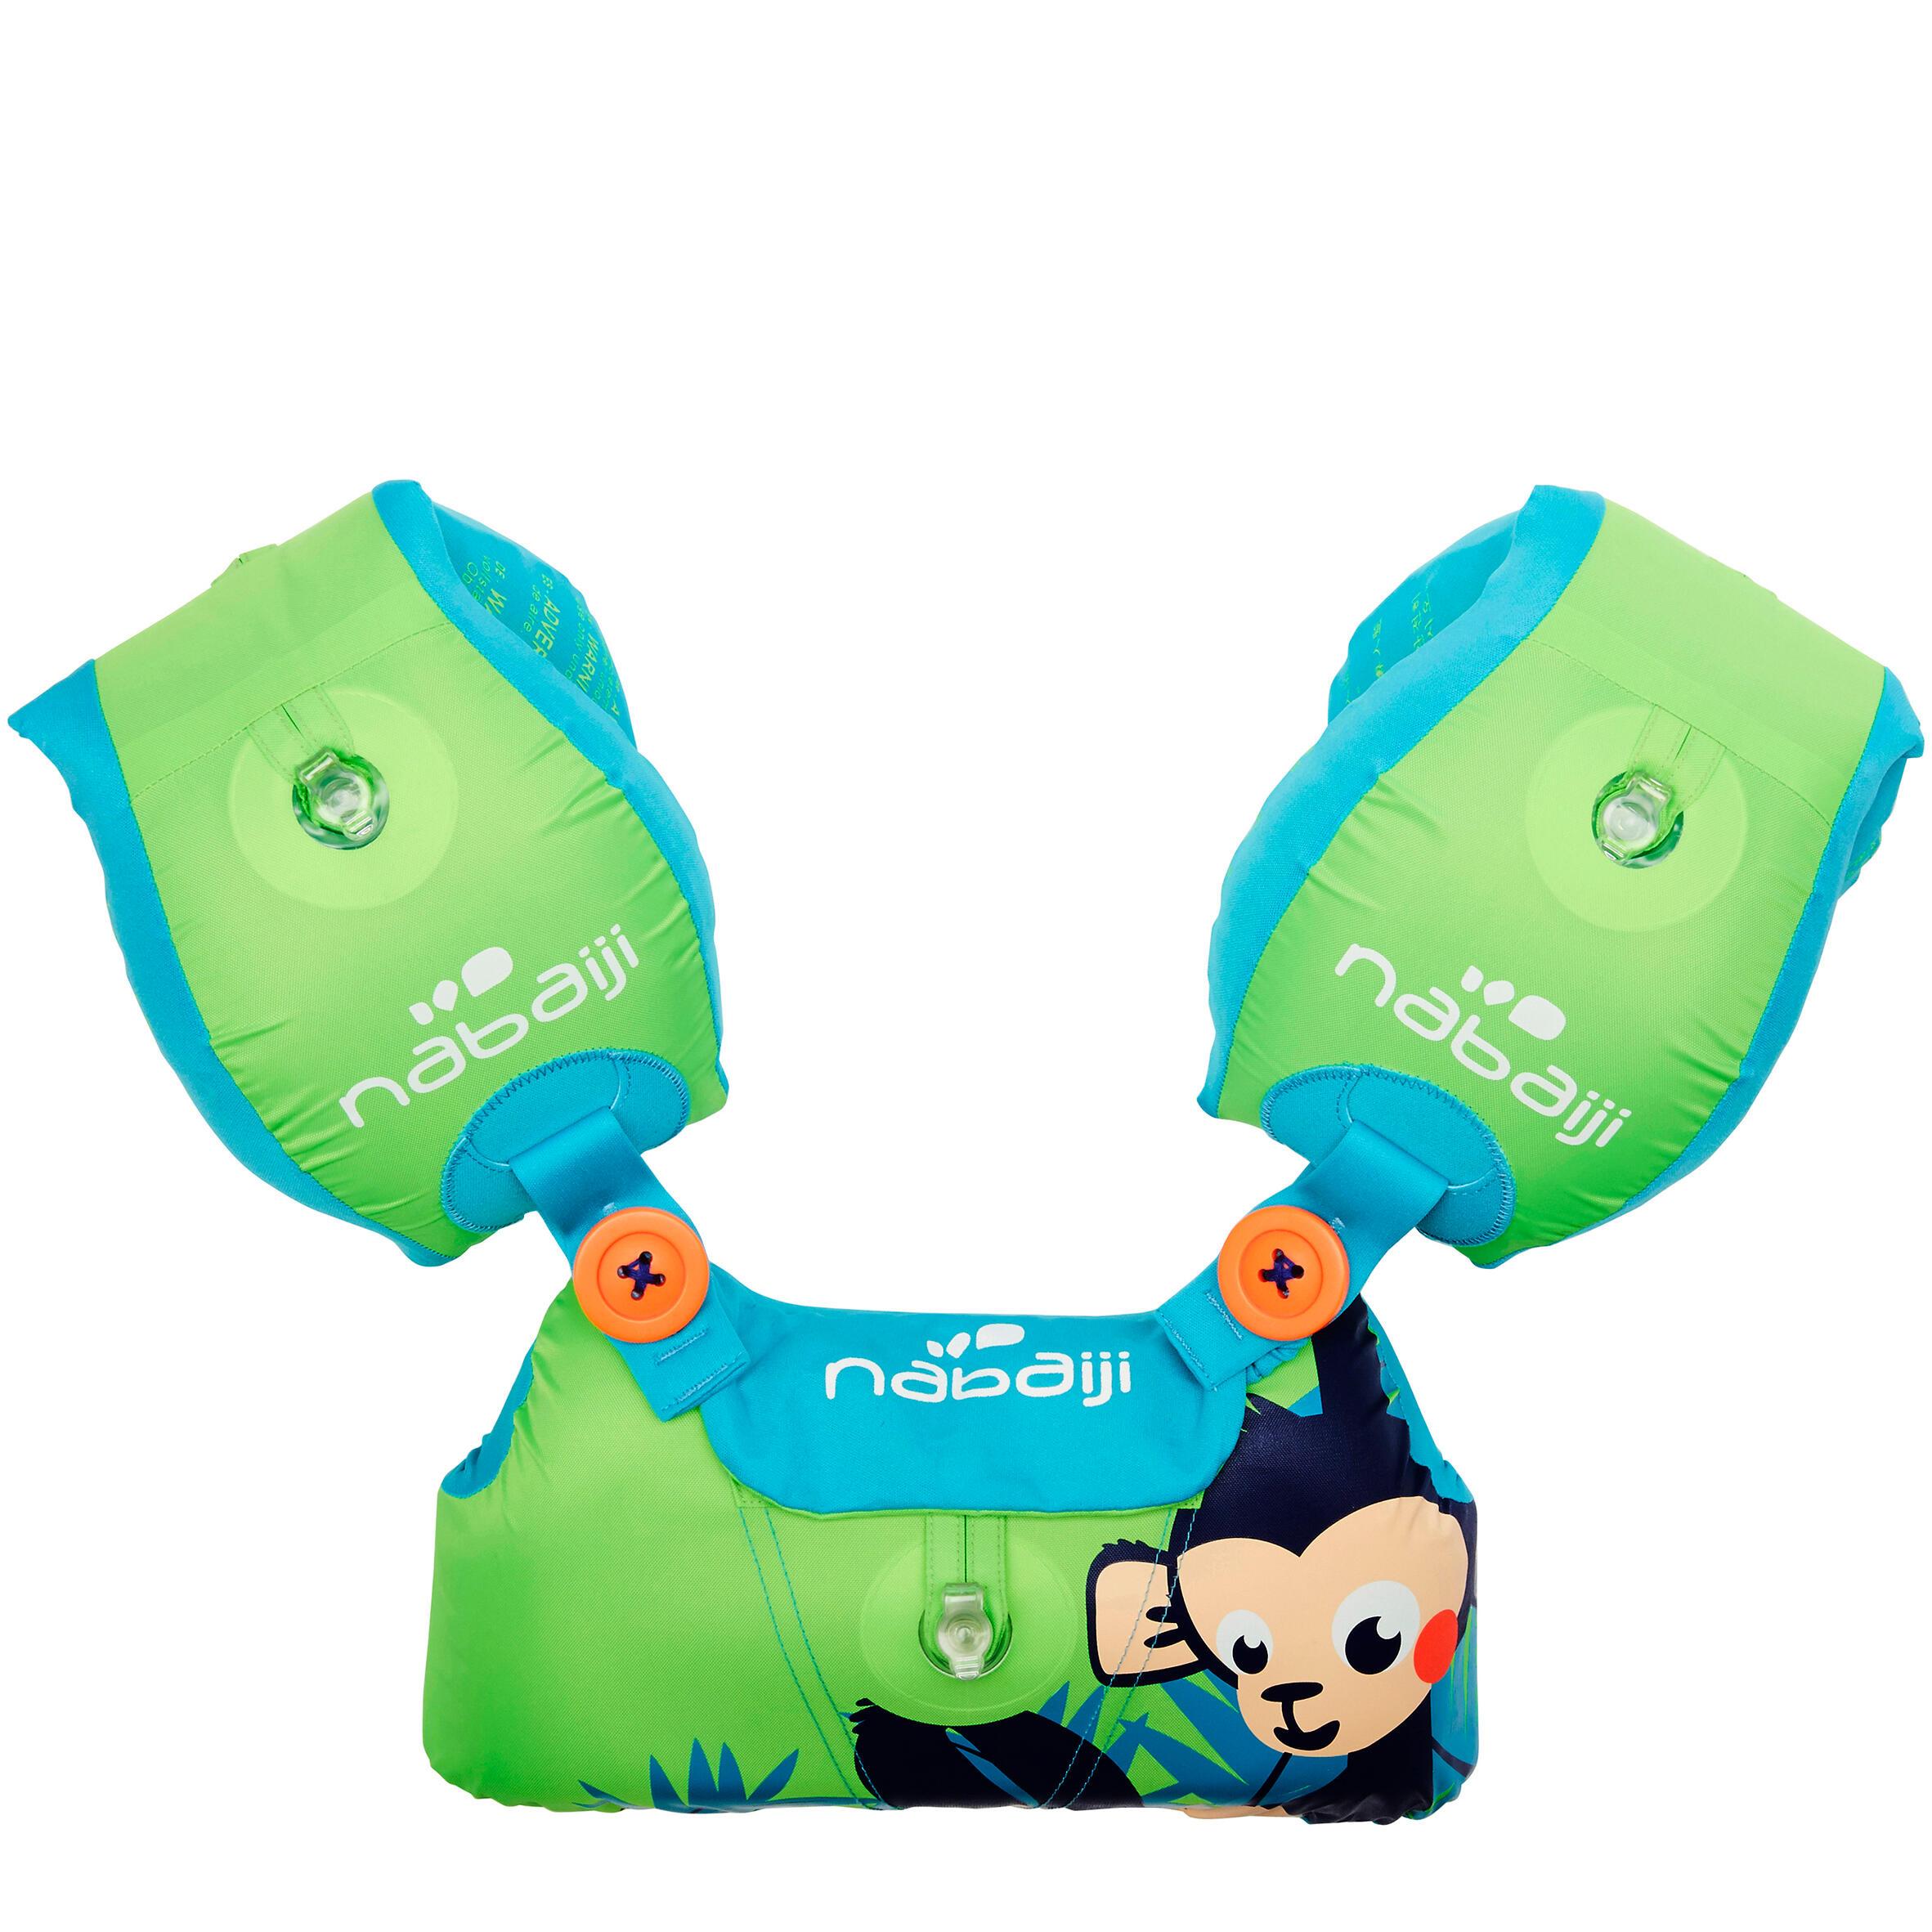 Nabaiji Modulaire zwemhulp Tiswim voor kinderen groen met aapprint